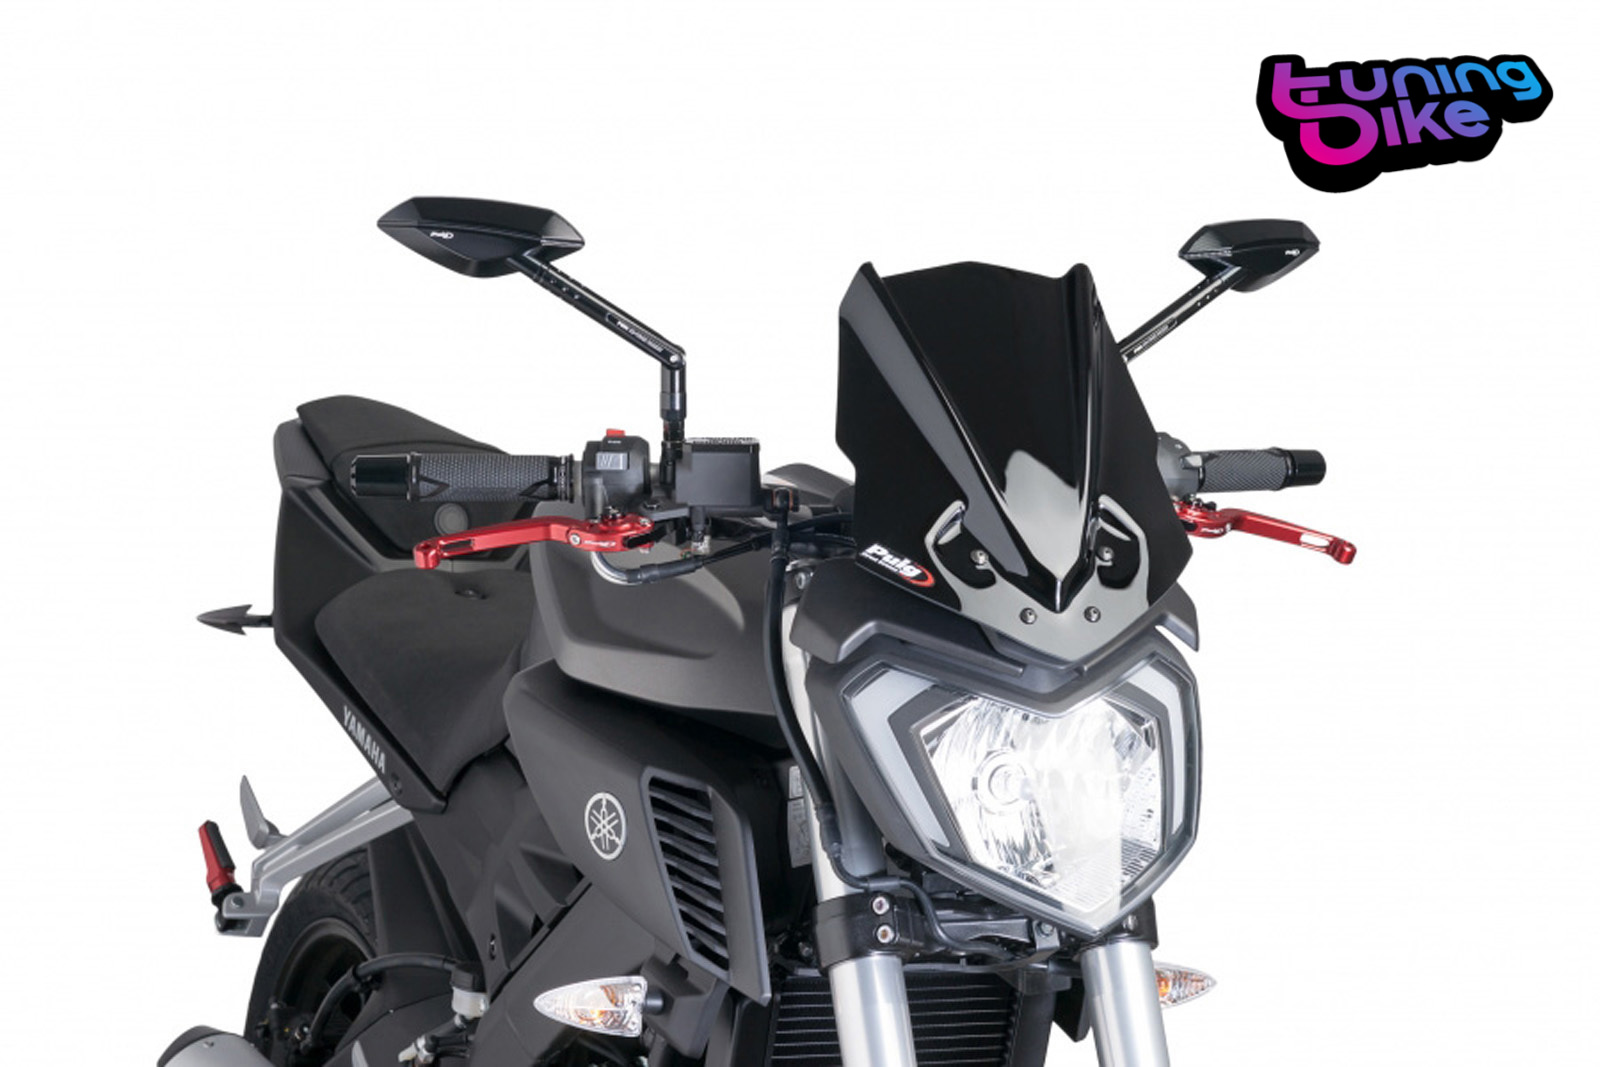 Cúpula Puig Yamaha XJ6 Naked New Generation Sport Ahumado